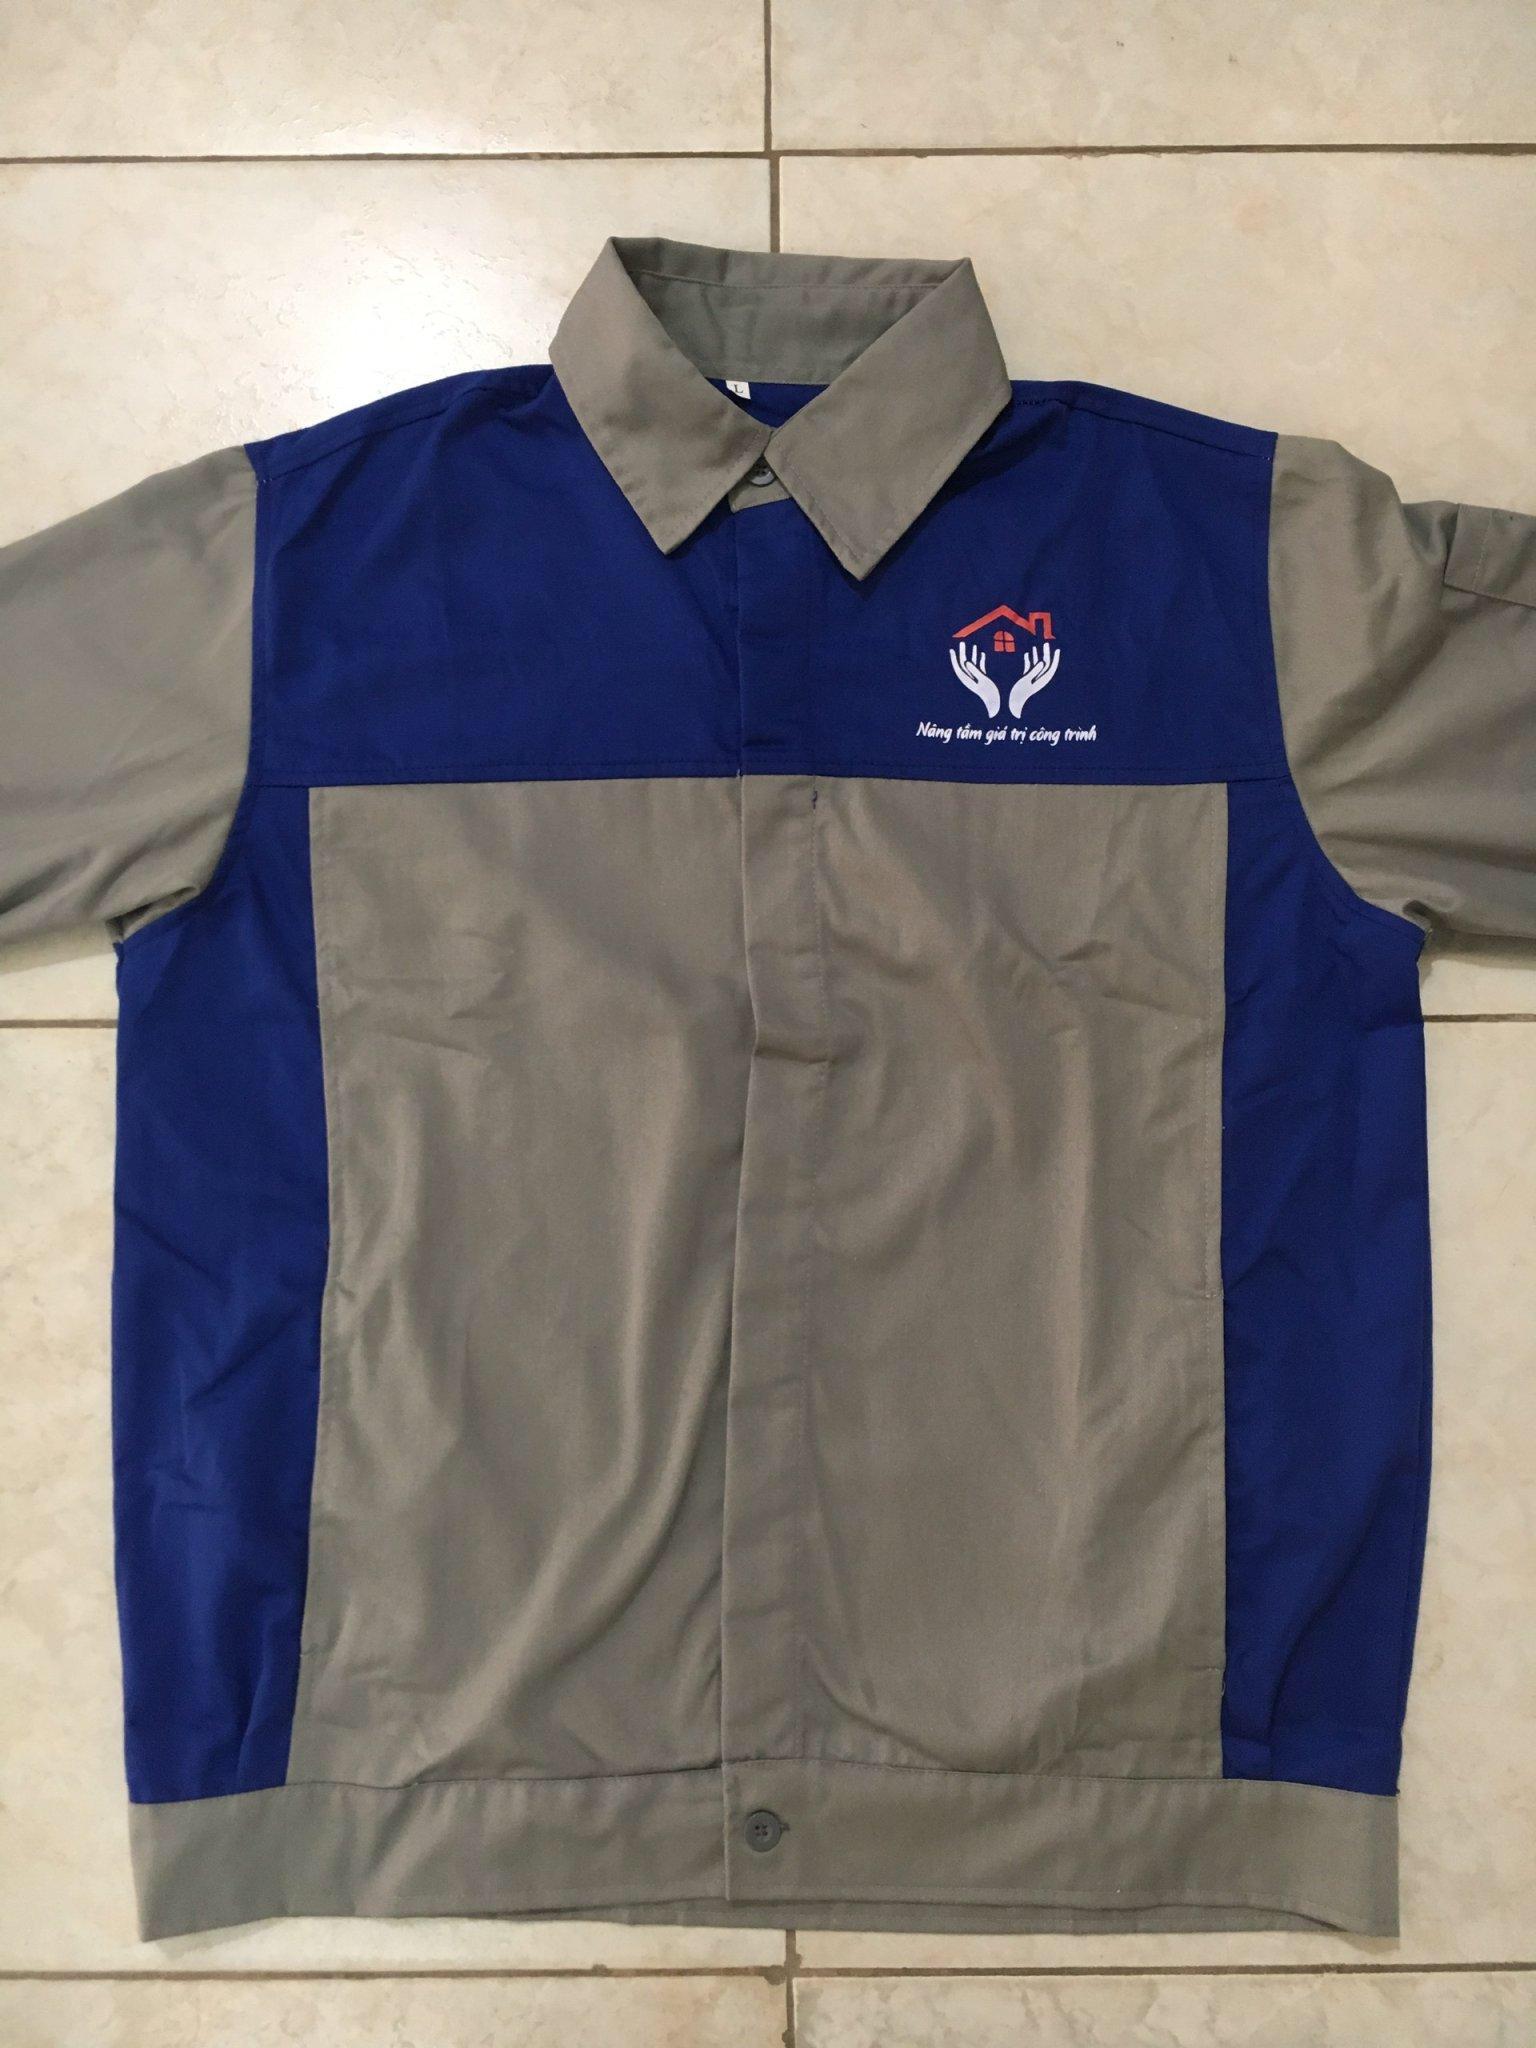 Đồng phục , quần áo bảo hộ lao động có thể mua giá rẻ tại các cửa hàng bán quần áo lao động có bán tại khắp 63 tỉnh , thành phố trên toàn quốc ; xin liên hệ vào số Hotline hoặc zalo 0912.677.982.